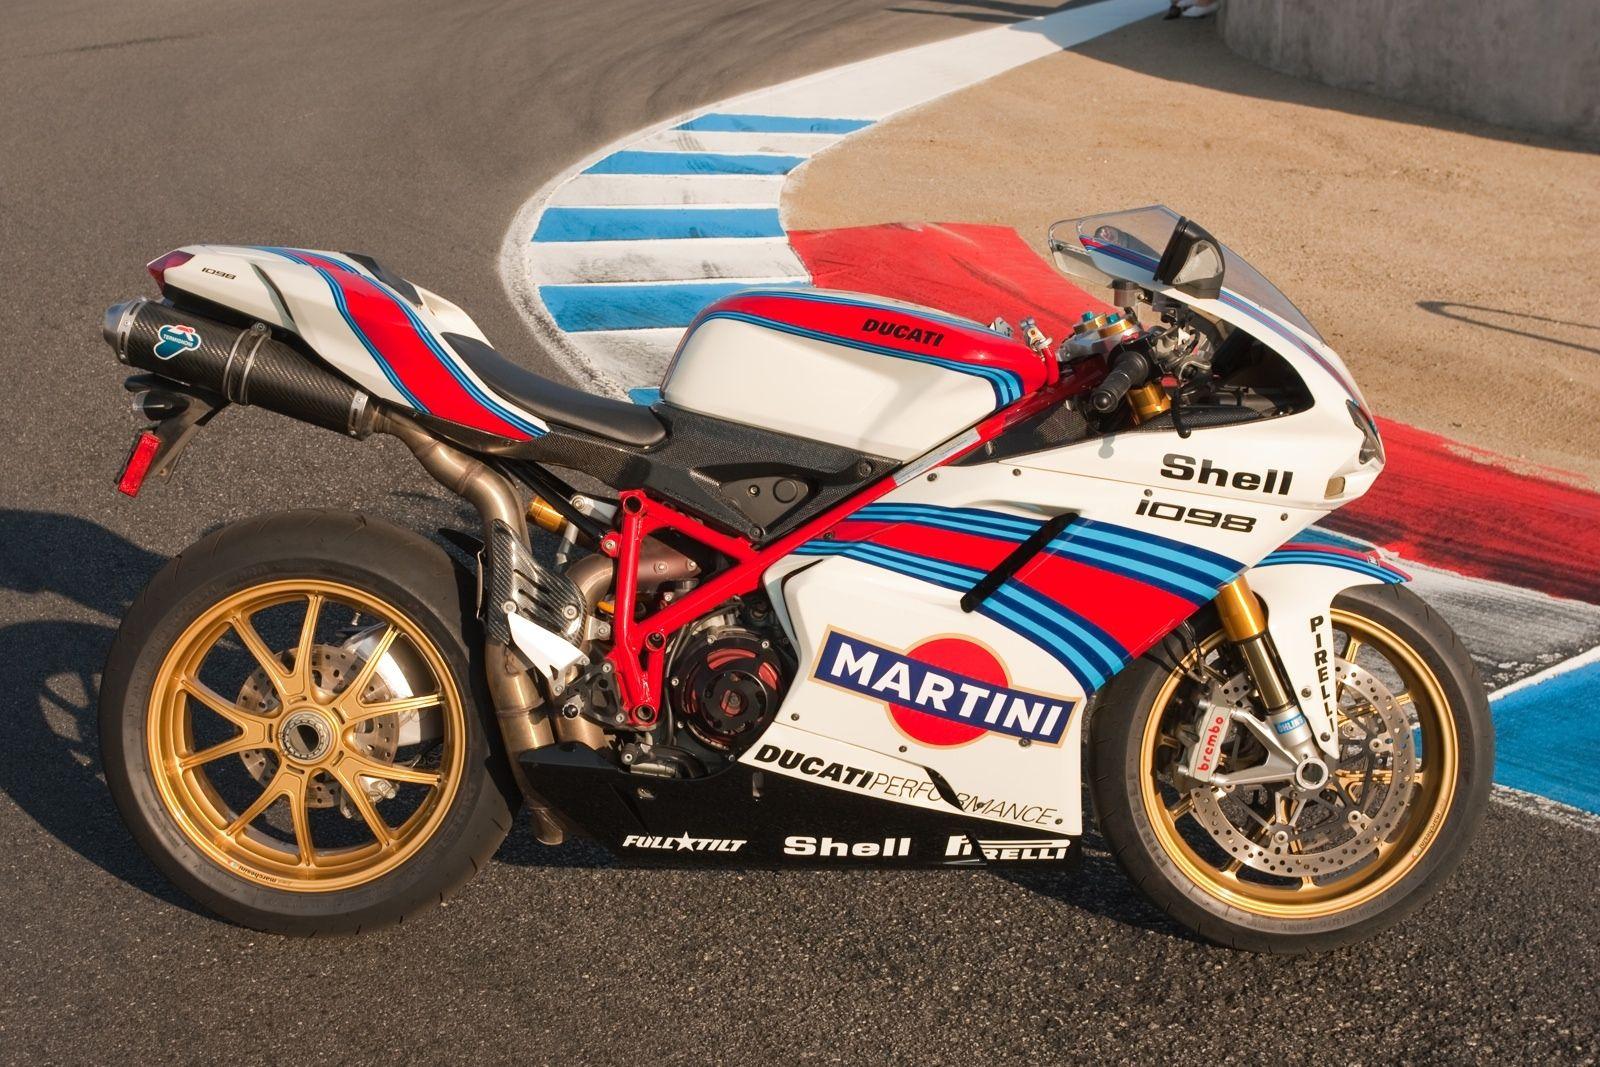 Martini Replica Ducati1098r Machines Pinterest Ducati Martini